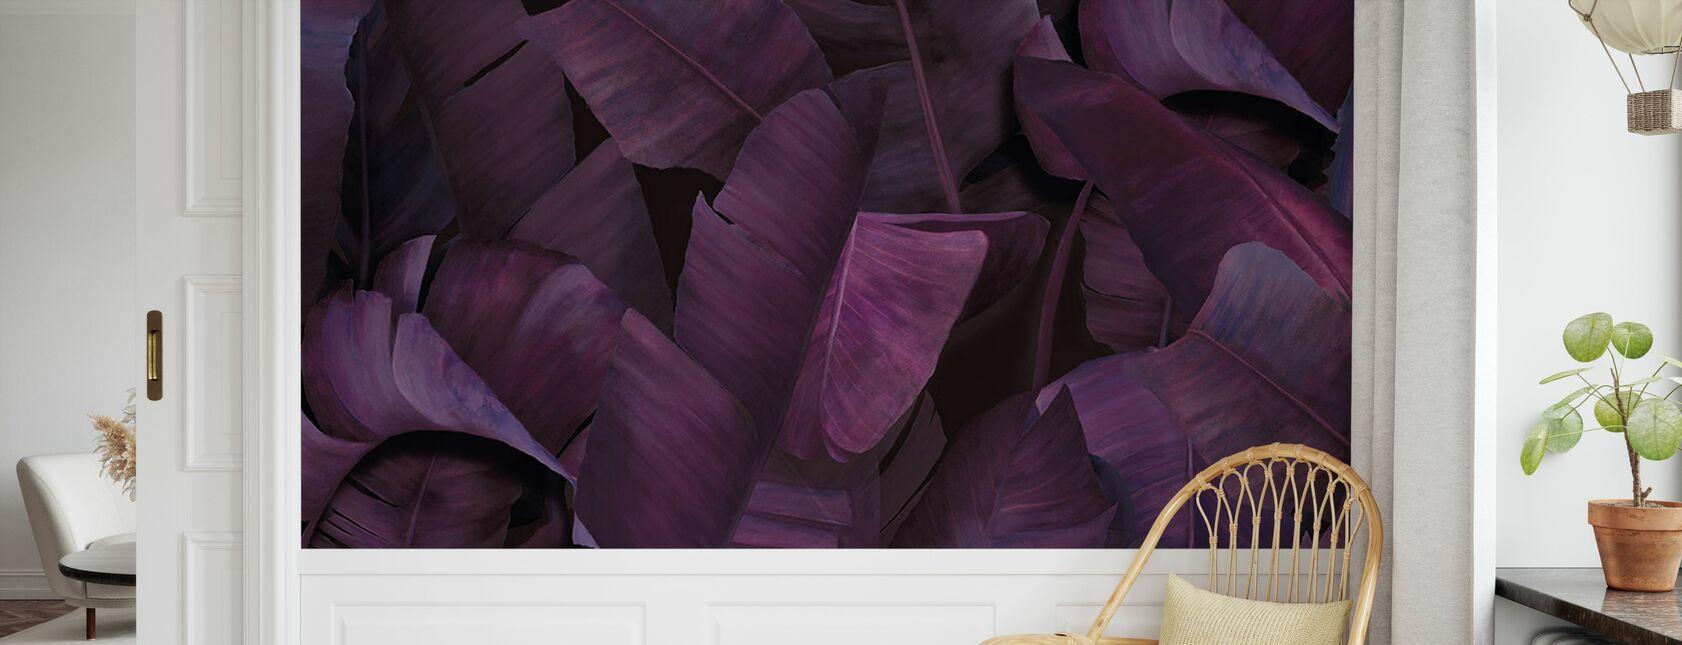 Botany Tropical Vivid Violet - Wallpaper - Kids Room